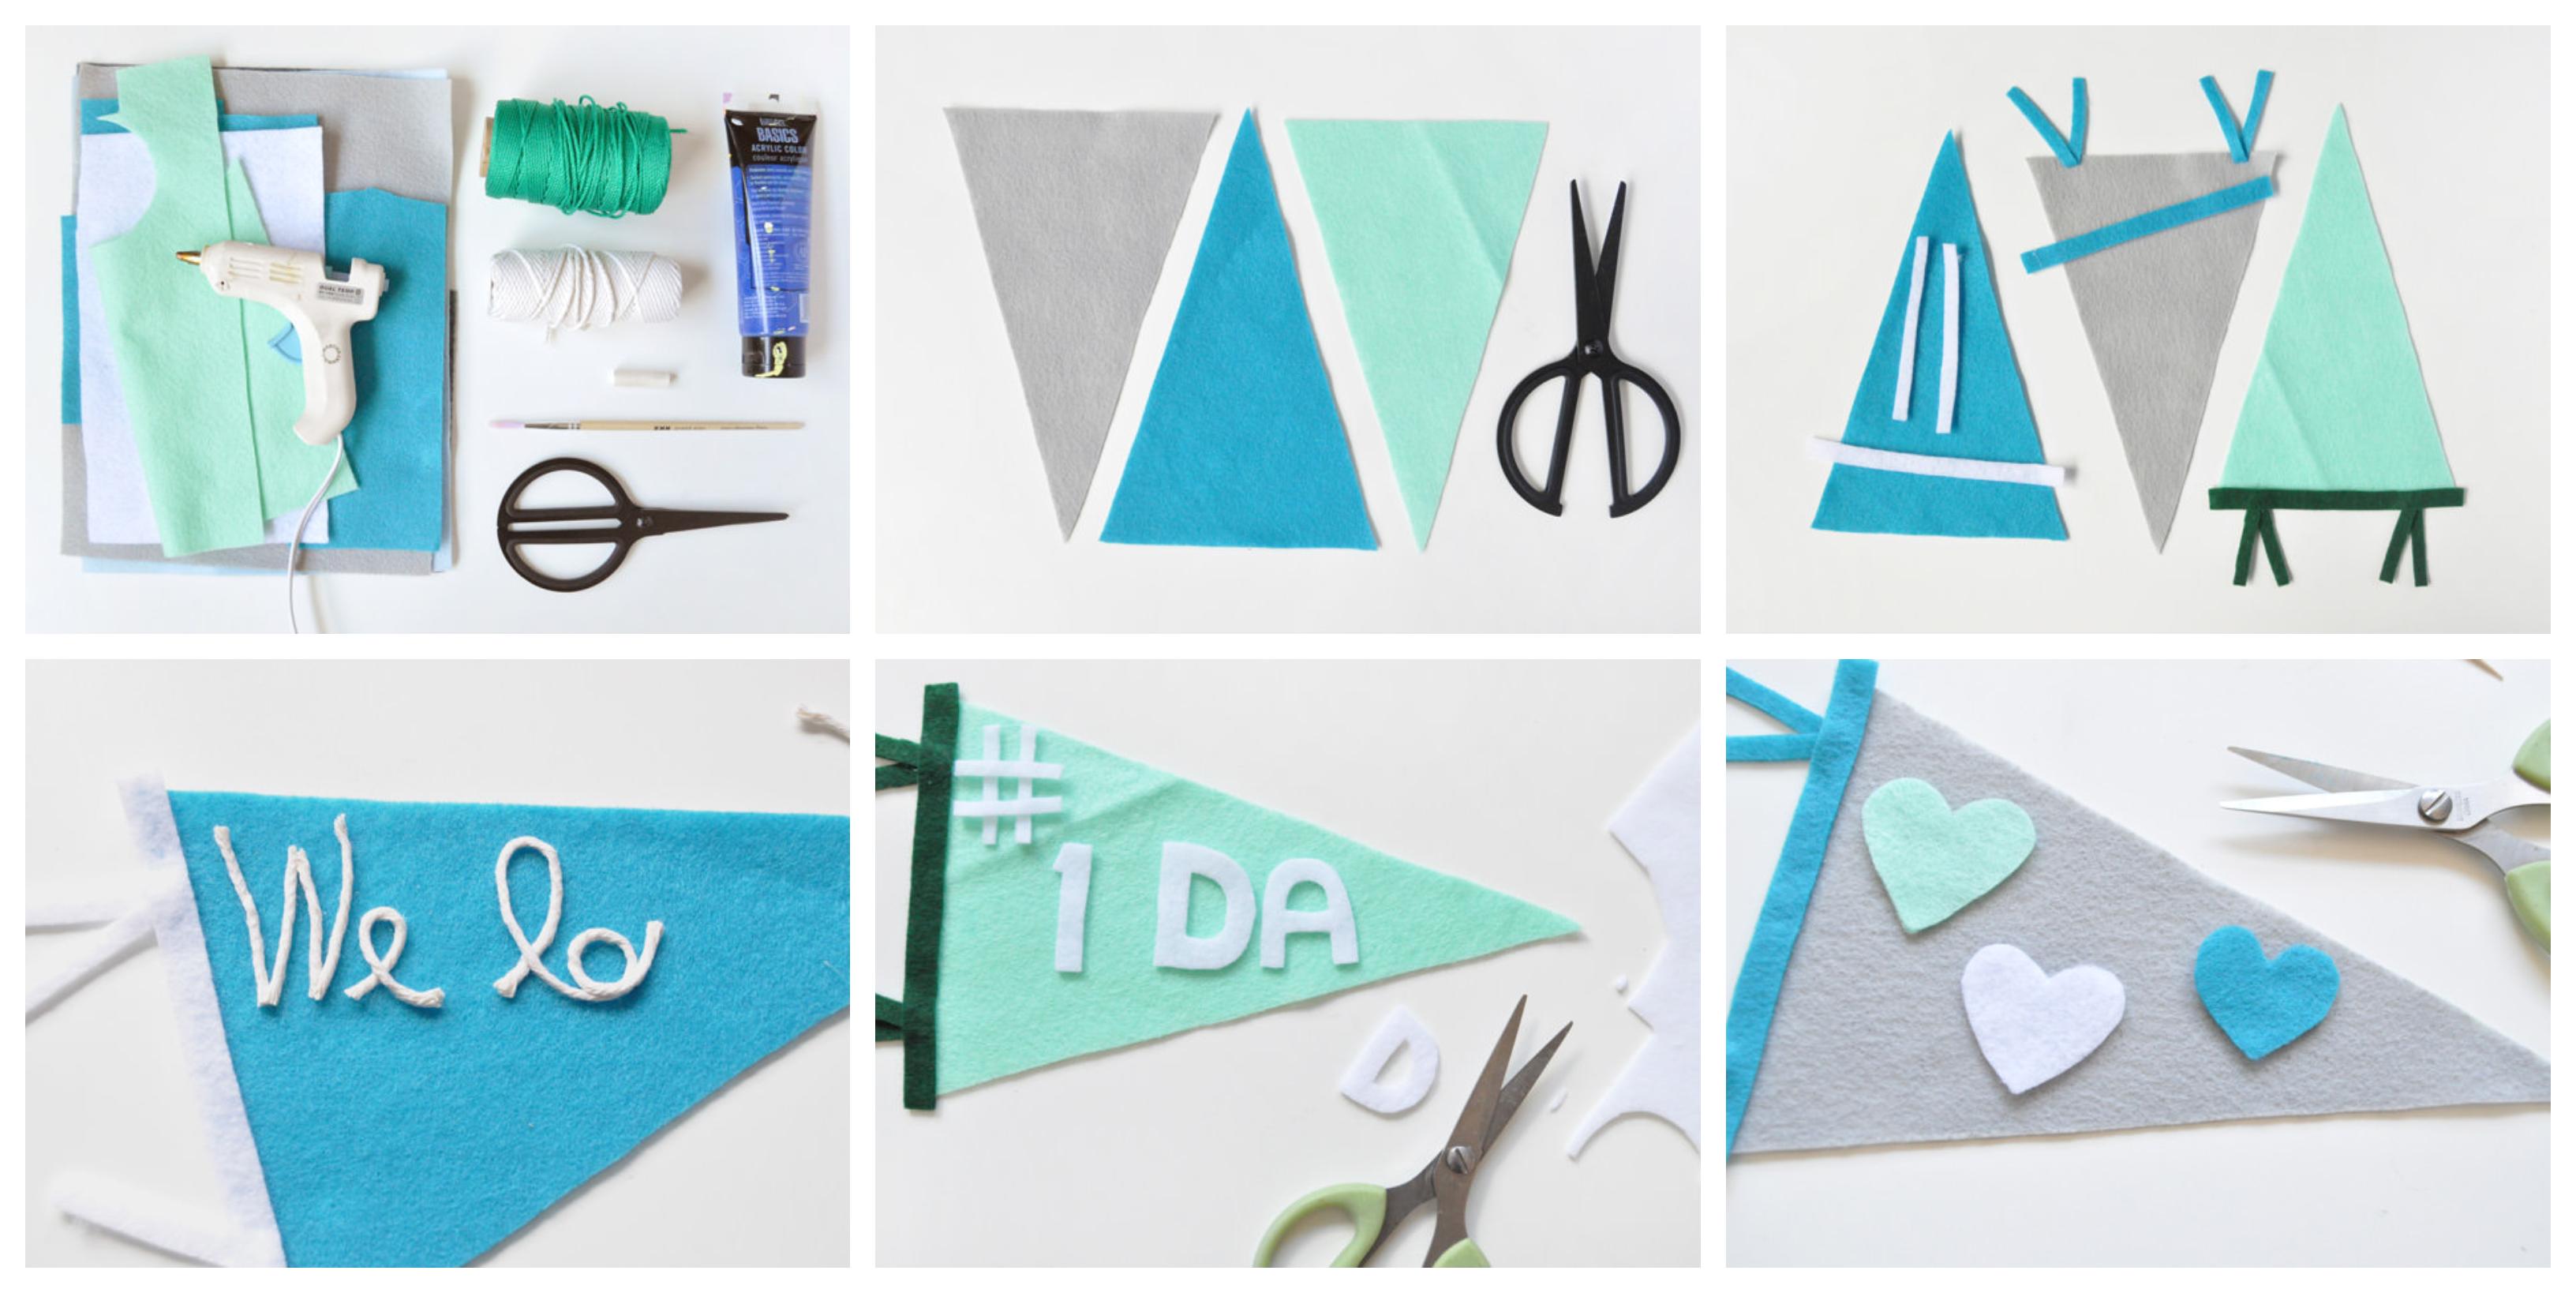 como hacer una bonita decoración de fieltro para la pared paso a paso, regalos para el dia del padre hechos a mano